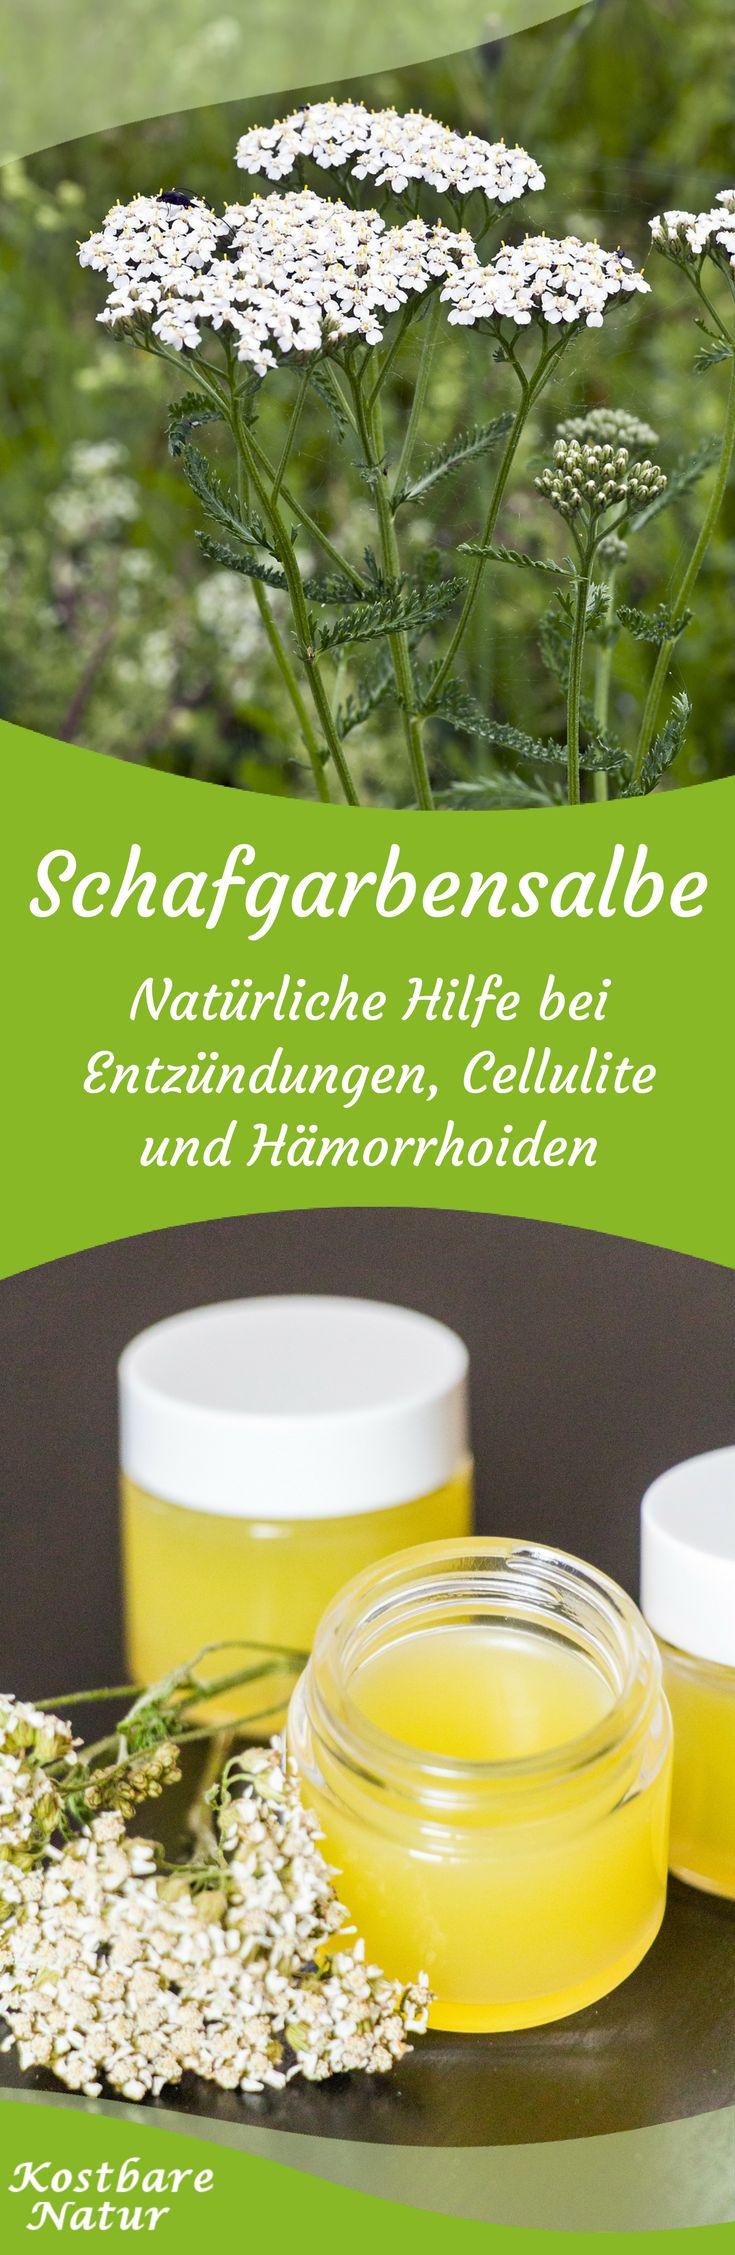 Nutze die vielen heilenden Inhaltsstoffe der Schafgarbe gegen Hautkrankheiten, Hämorrhoiden, Cellulite und vieles mehr.